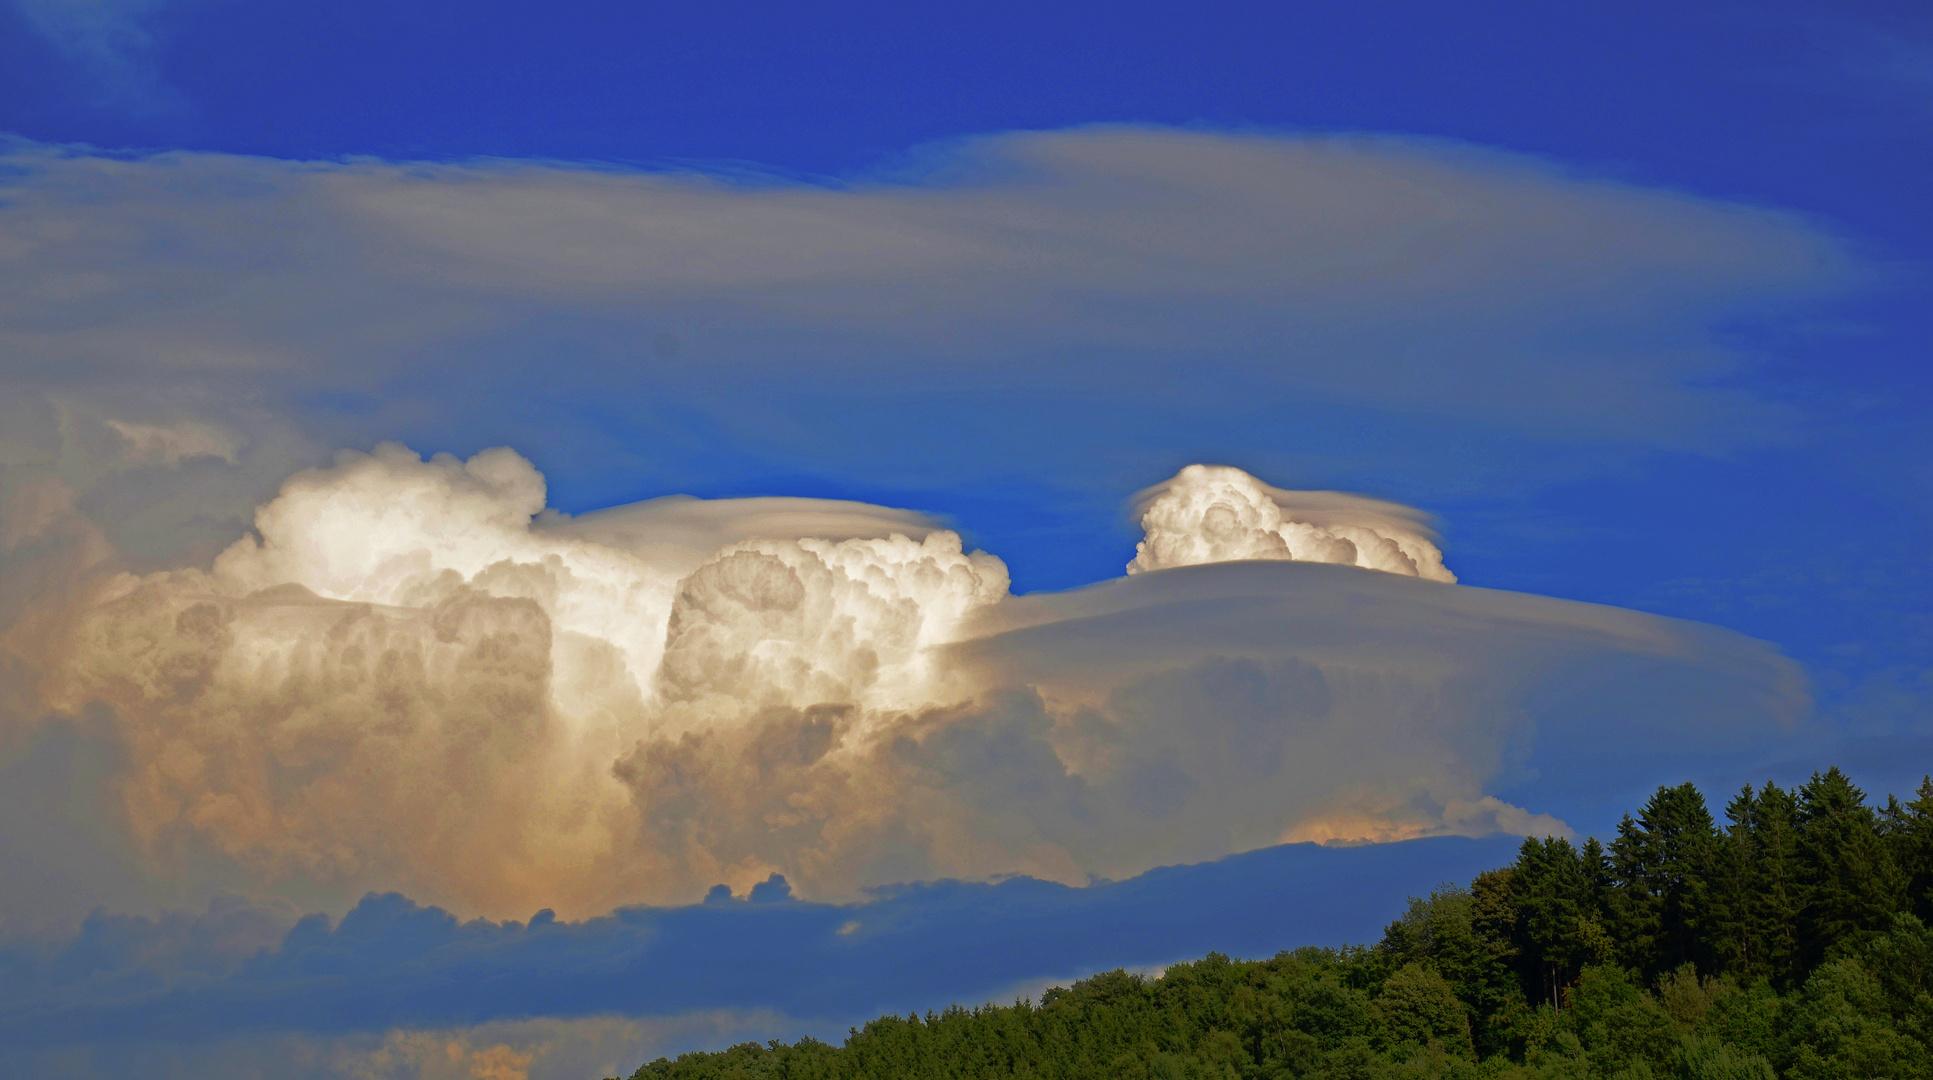 spezielle Wolkenformation als Hinweis auf Sturm bringendes Wetter